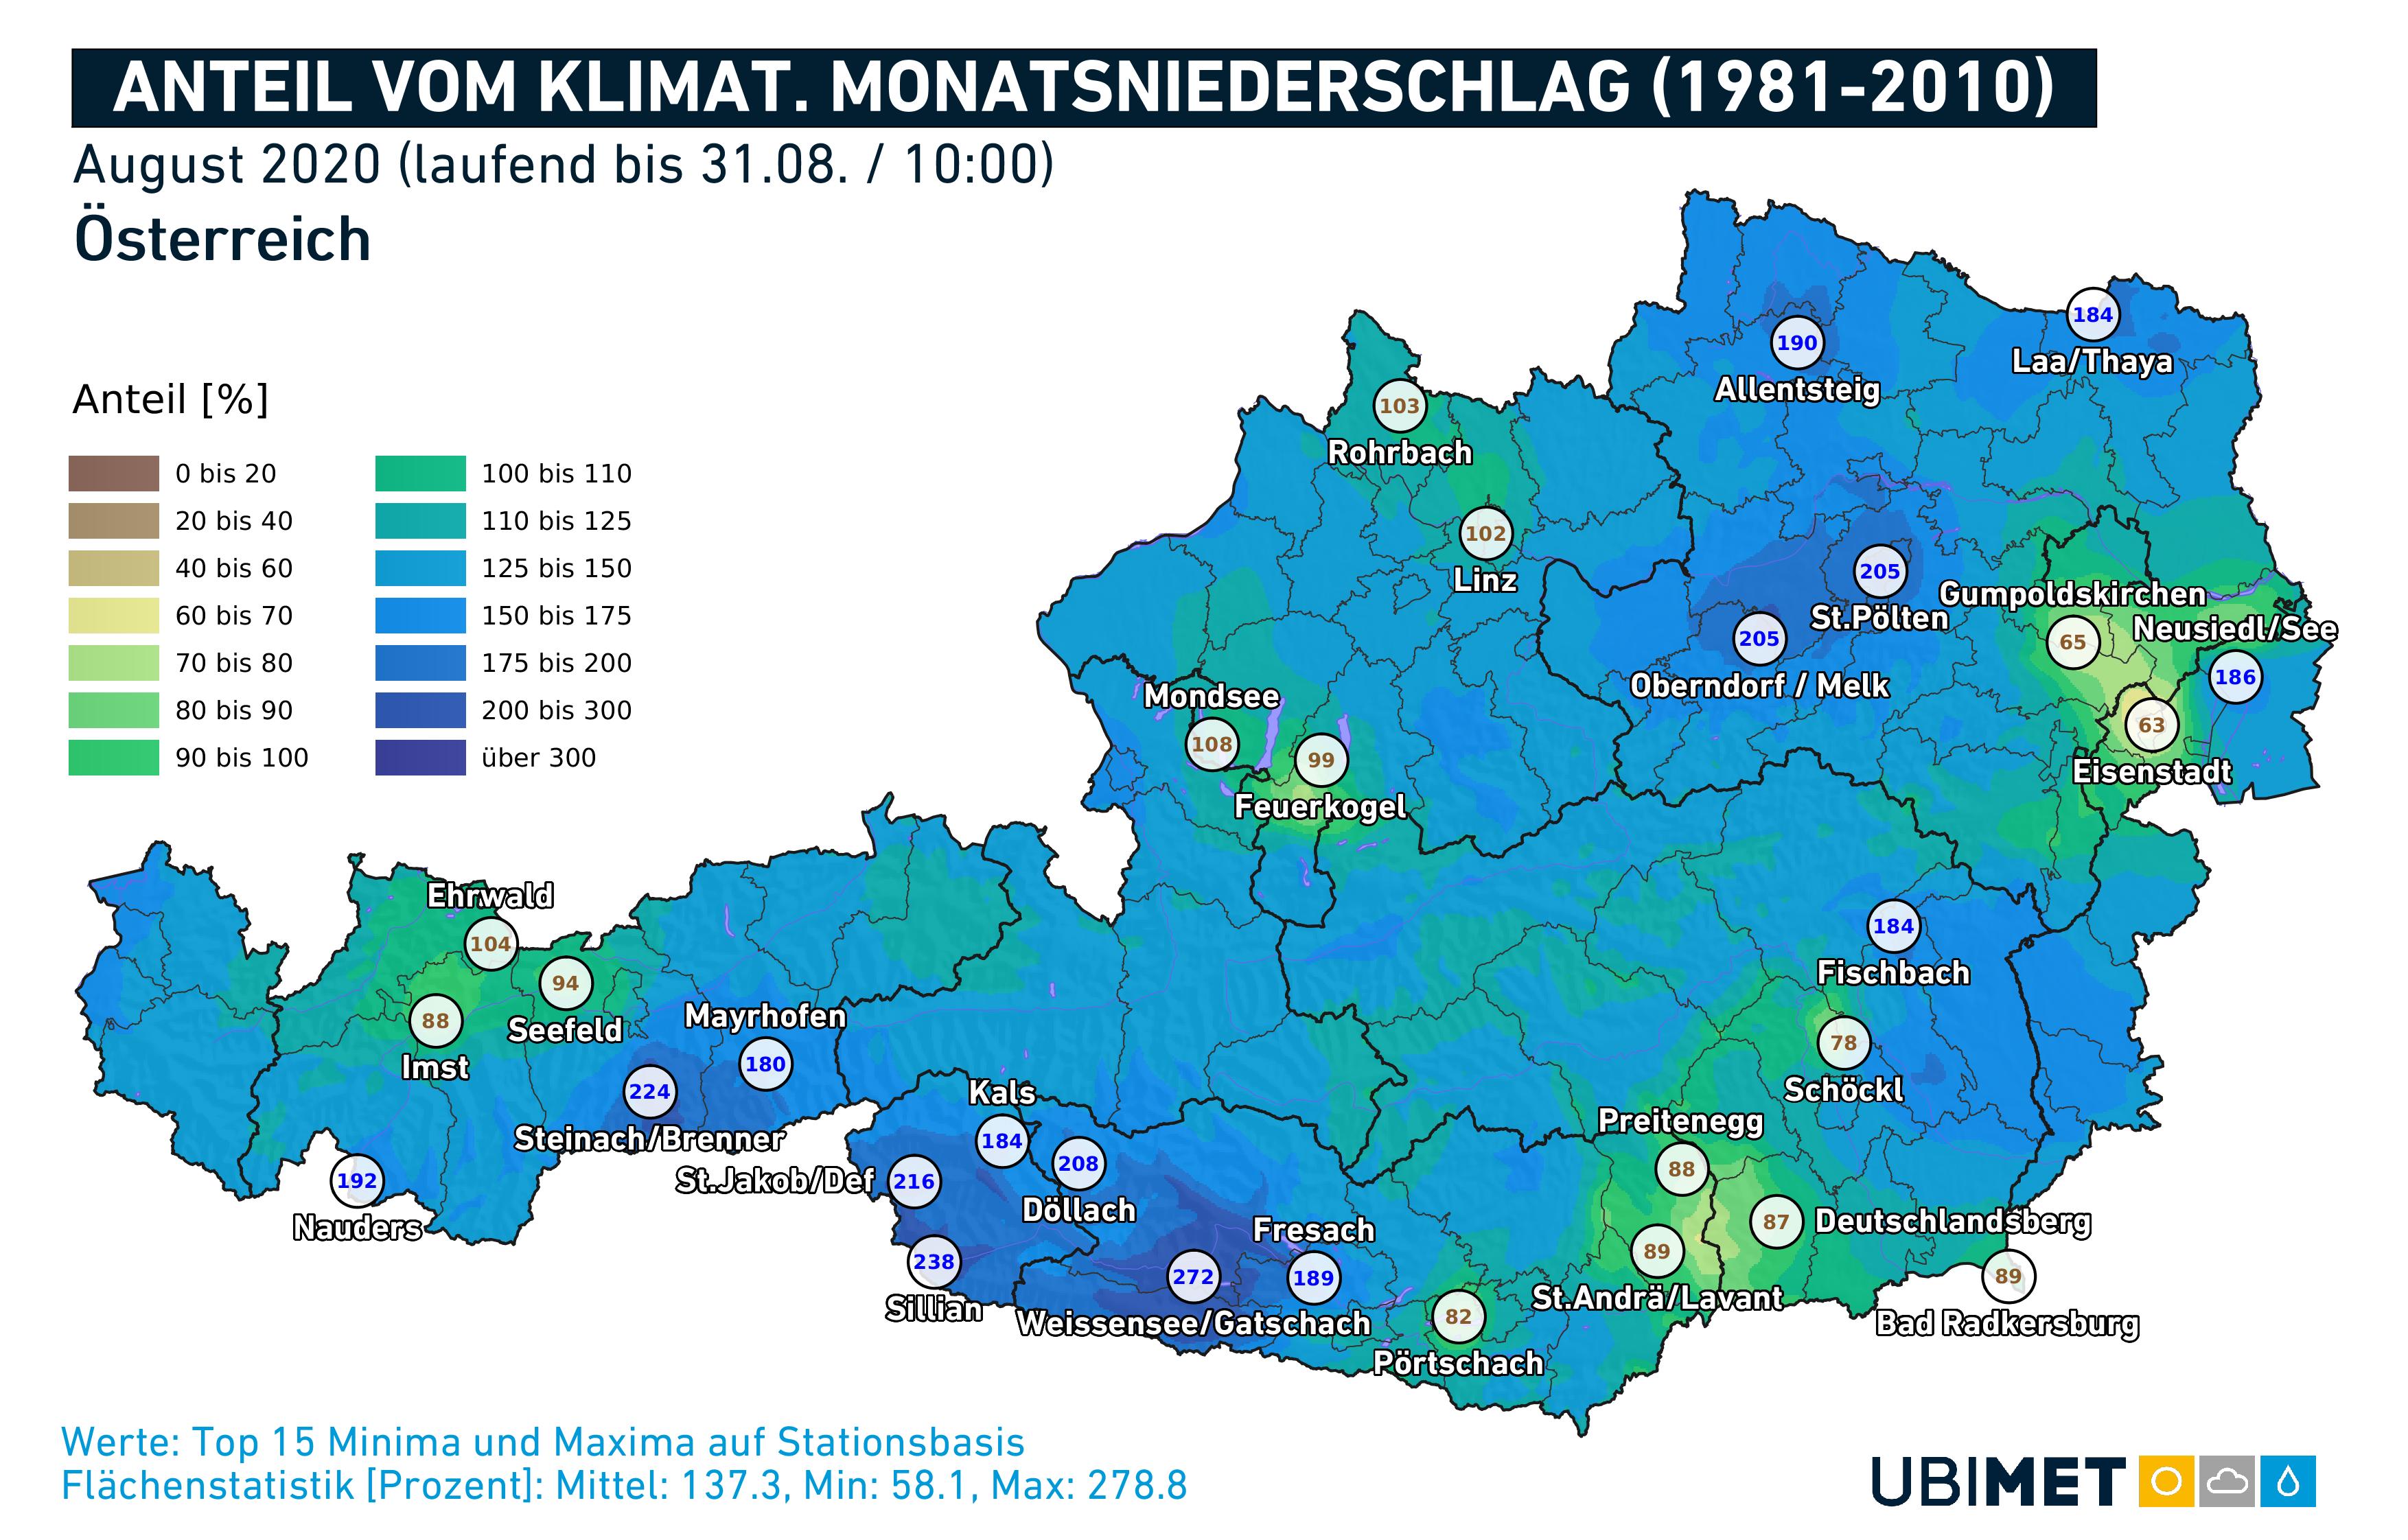 Anteil-von-klimat-Monatsniederschlag-1981-2010